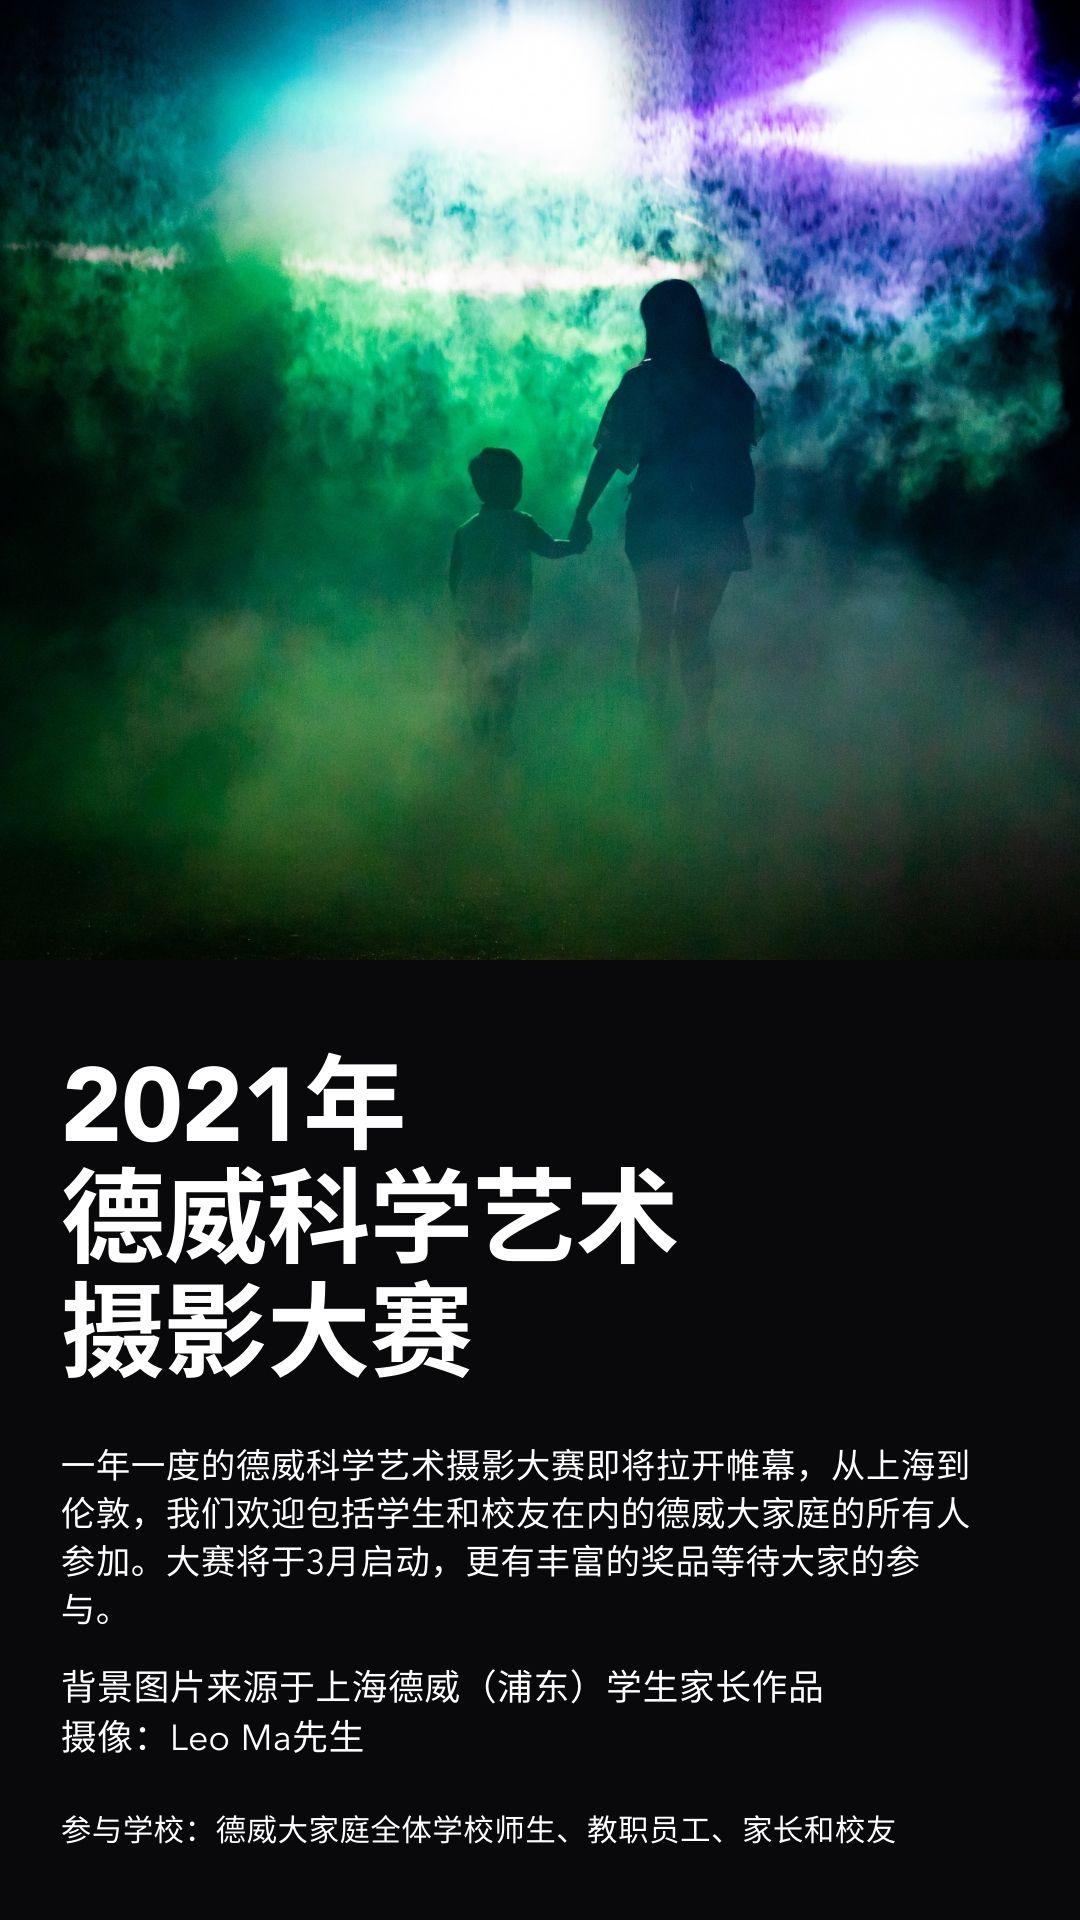 2021年 德威科学艺术摄影大赛